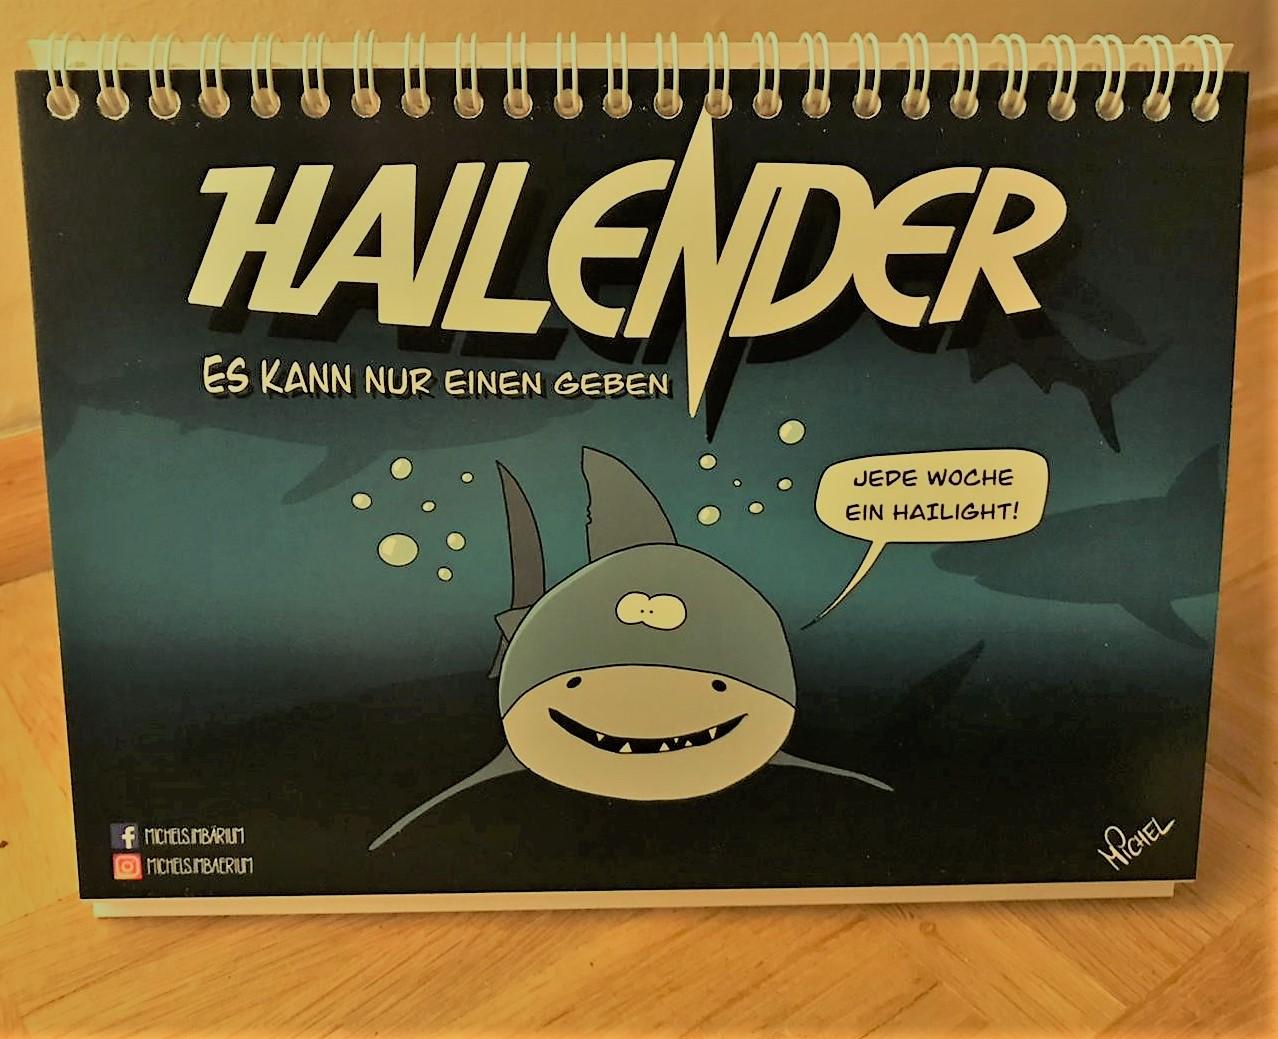 Michels HaiLender (Tischkalender)